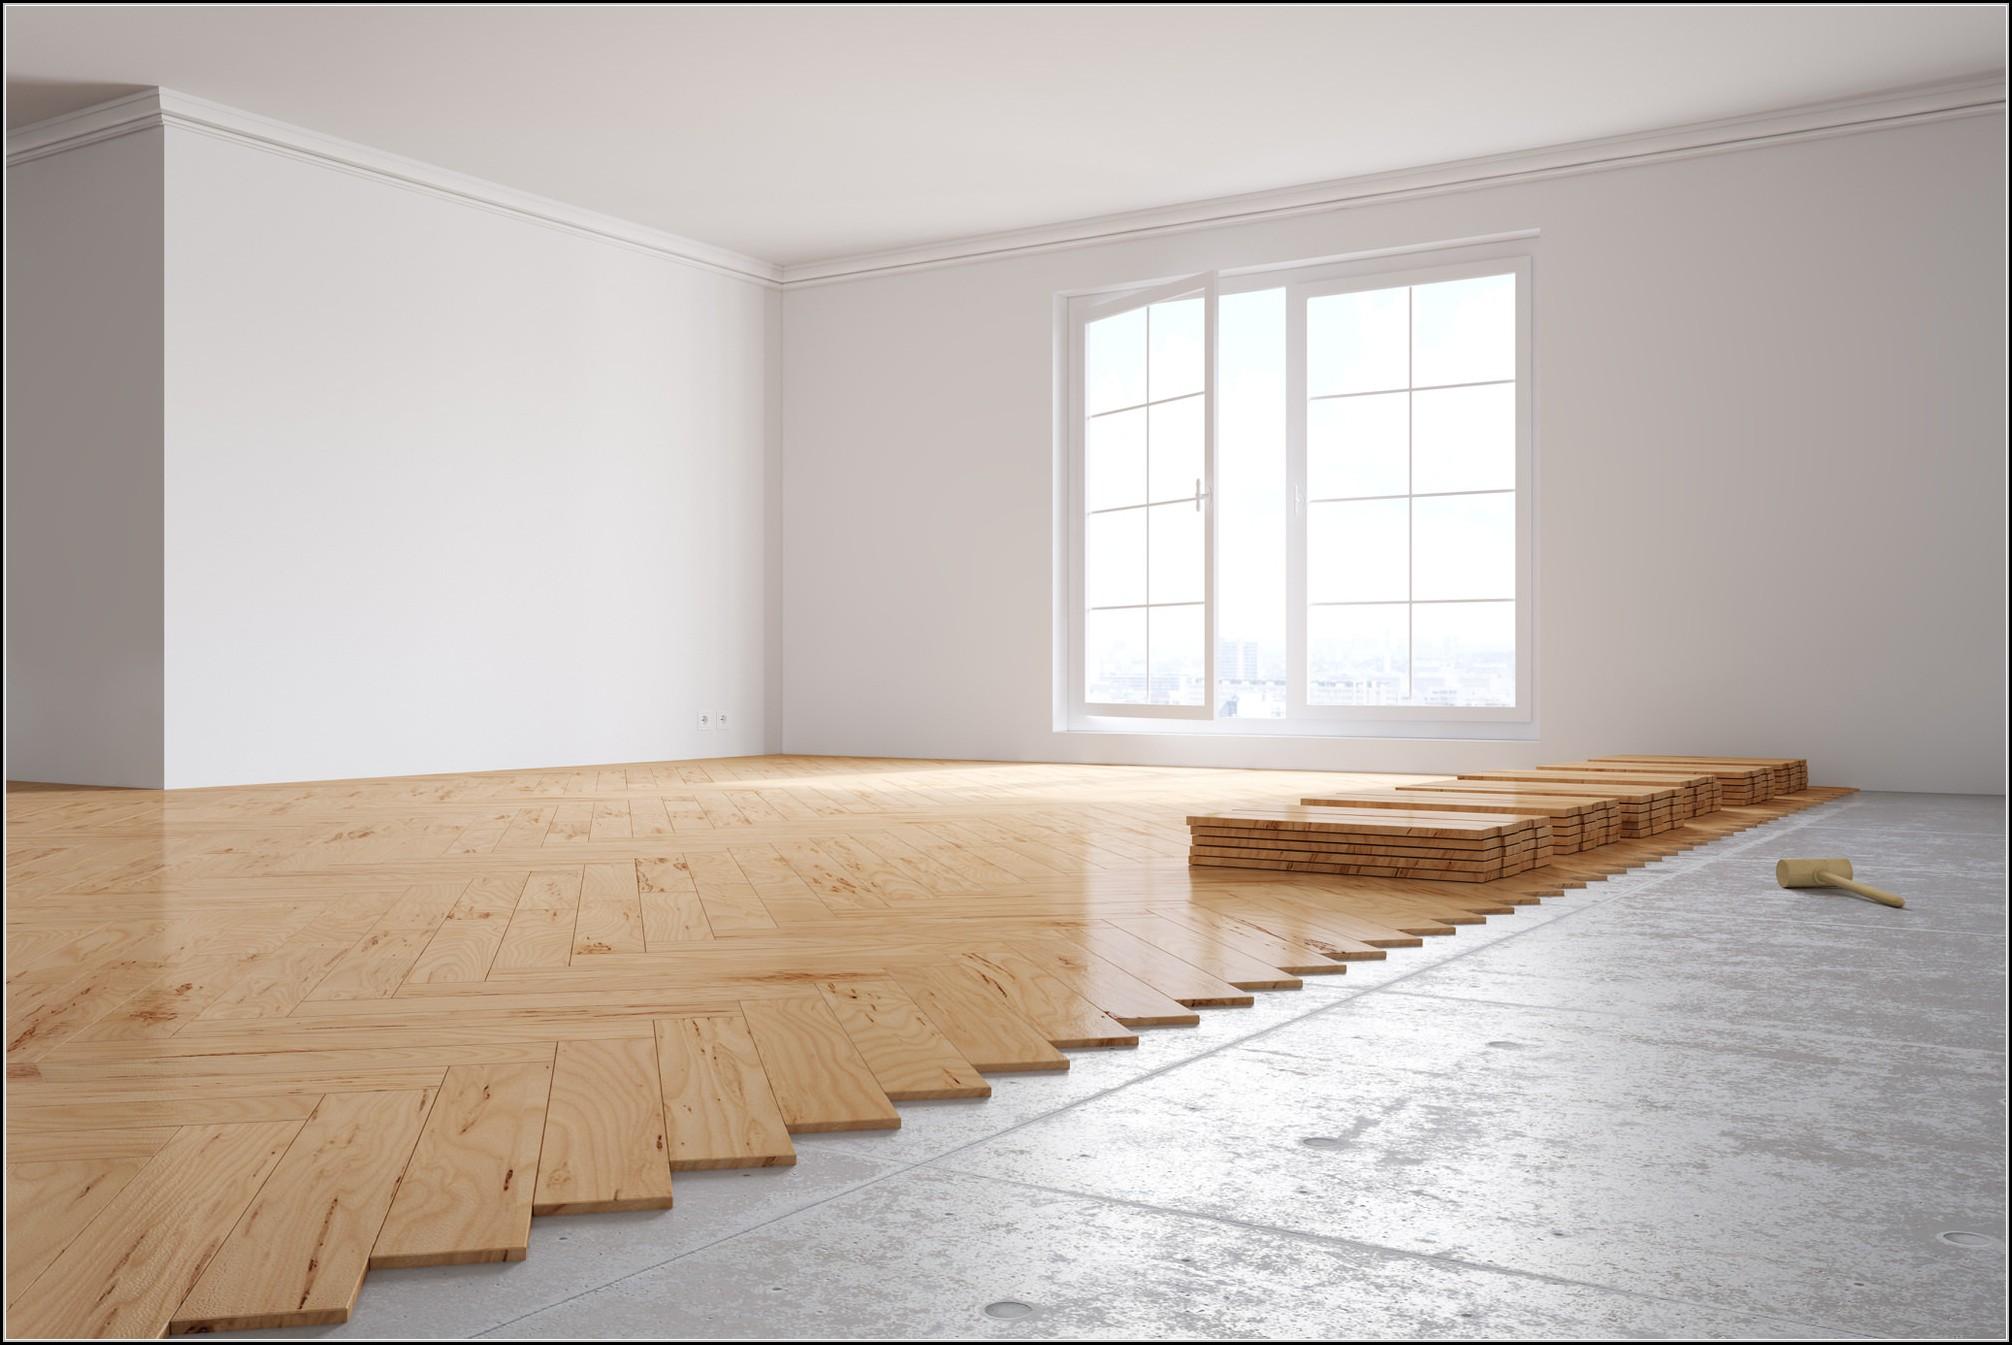 was kosten fliesen fliesen house und dekor galerie apweaalwnm. Black Bedroom Furniture Sets. Home Design Ideas